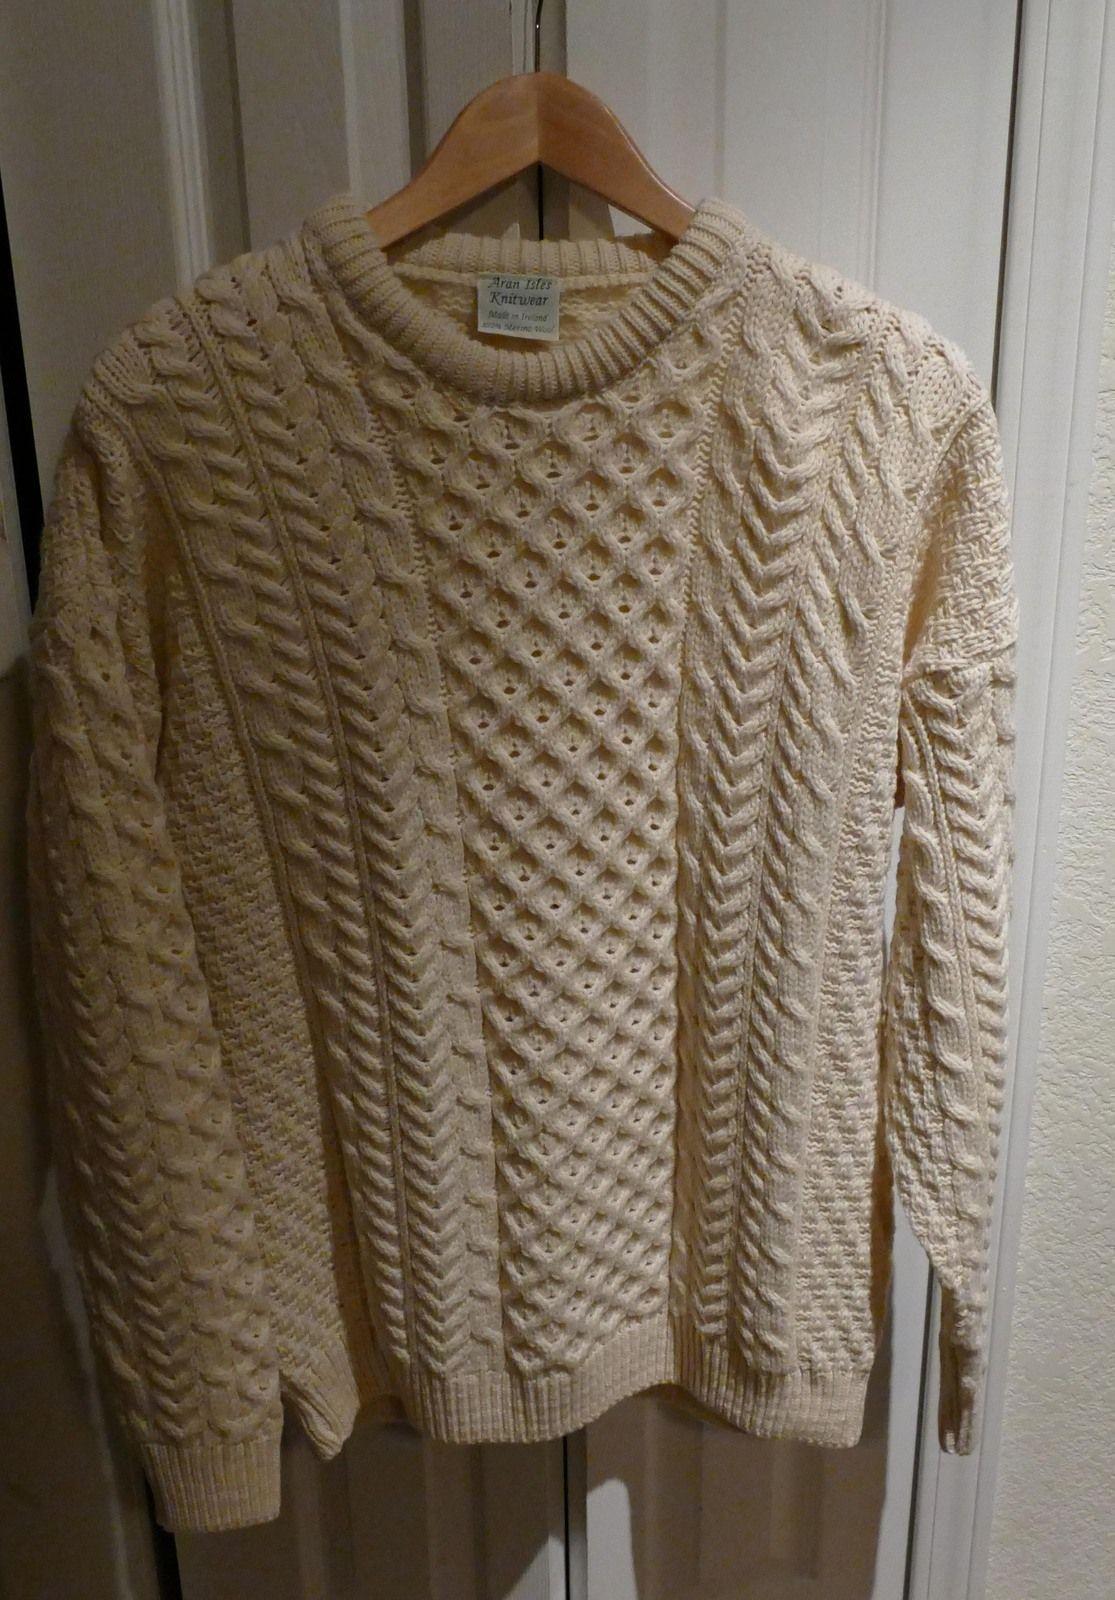 b43b2aba414f ladies Aran Isles Knitwear Made in Ireland 100% Merino Wool Sweater  Beautiful Design FAB!